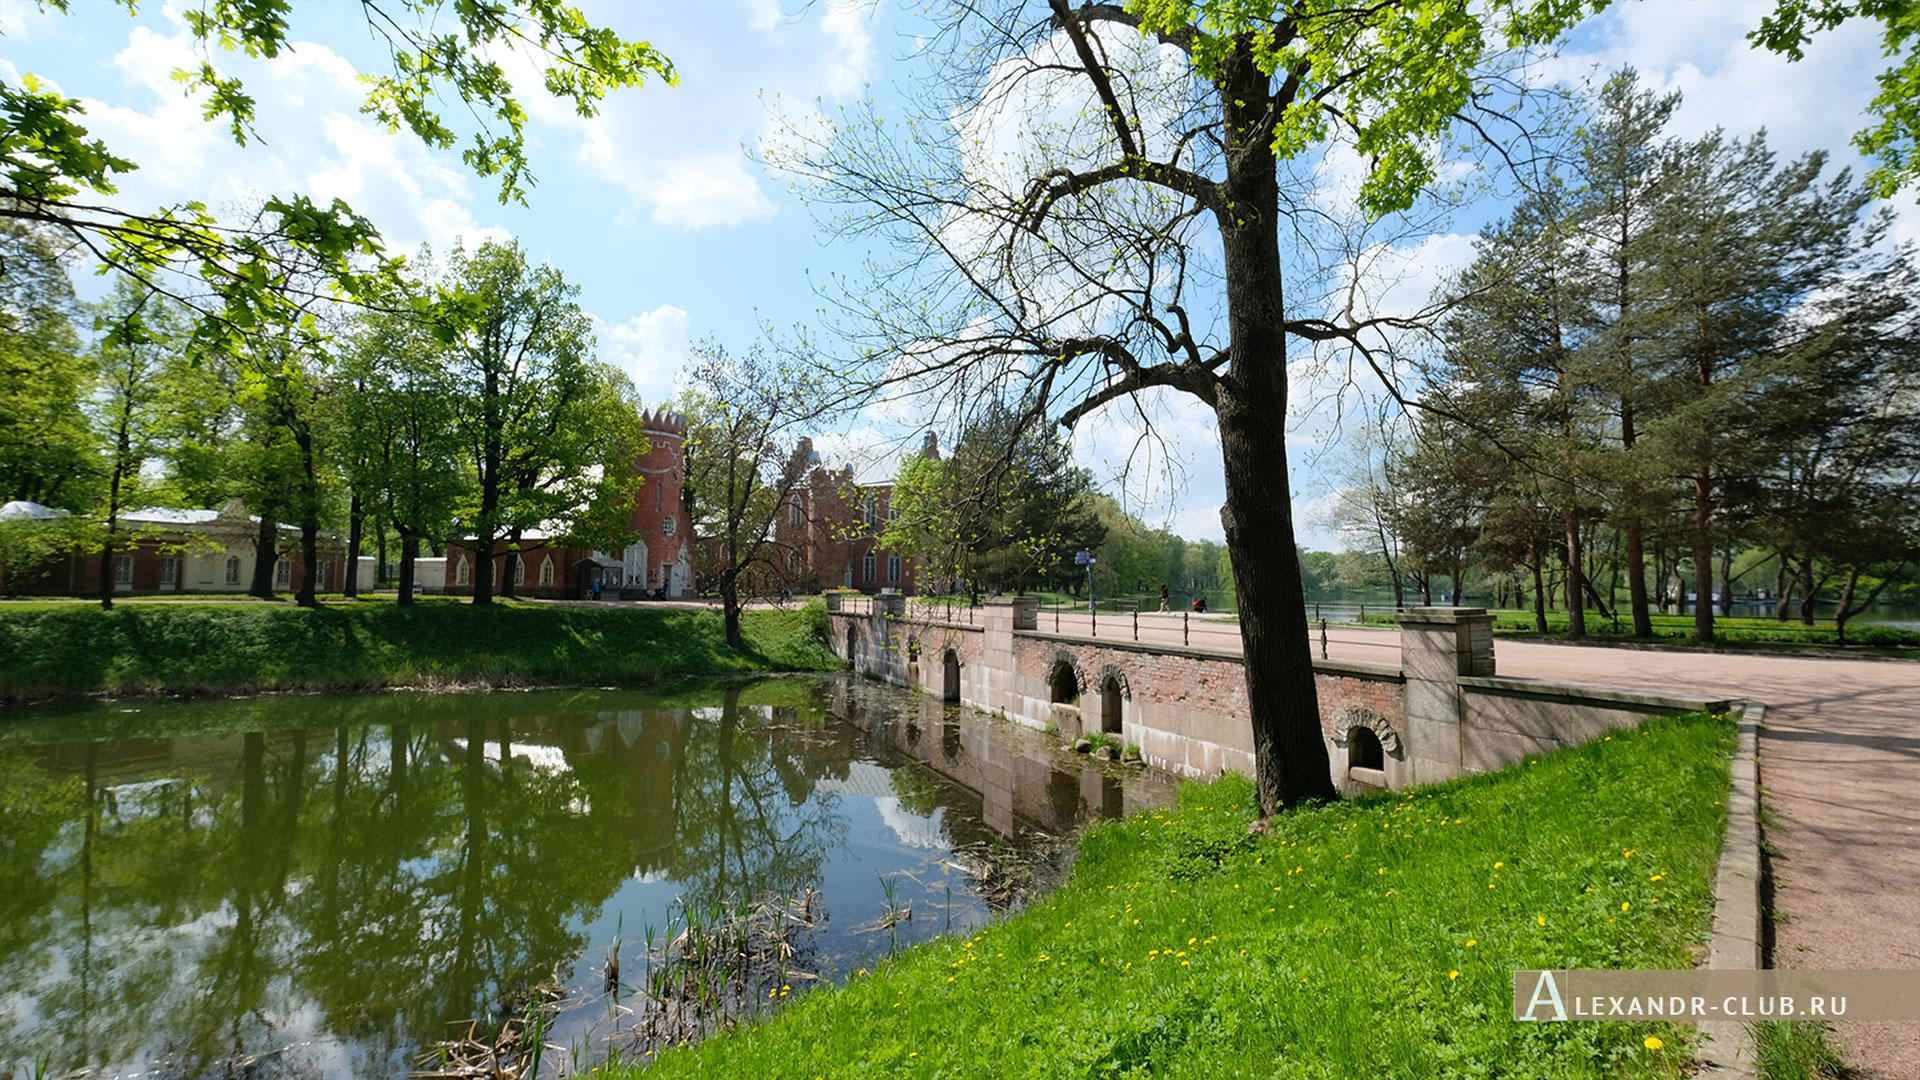 Царское Село, весна, Екатерининский парк, павильон «Адмиралтейство»